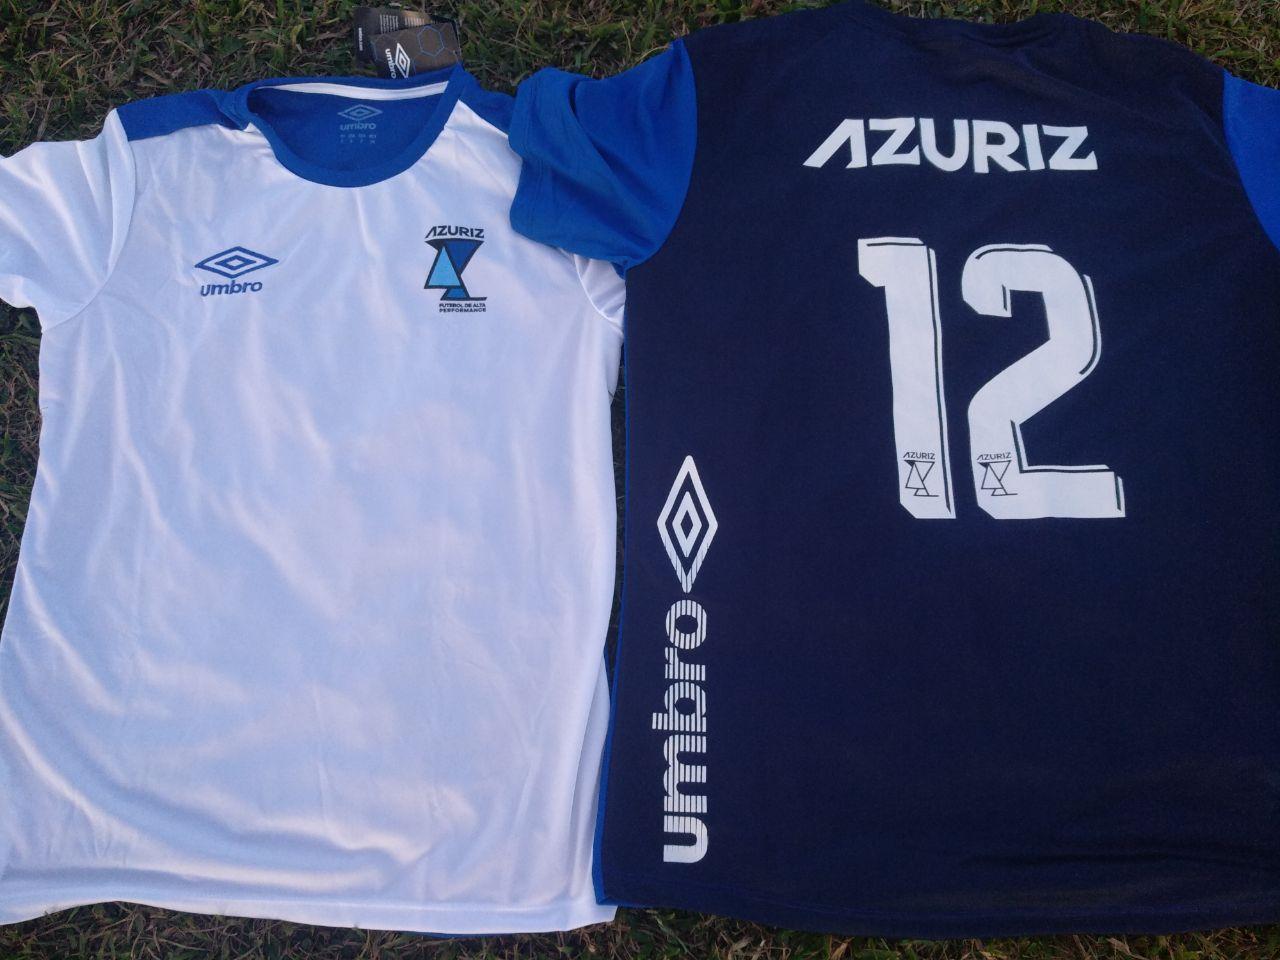 Azuriz joga em treino Amistoso pela primeira vez em casa